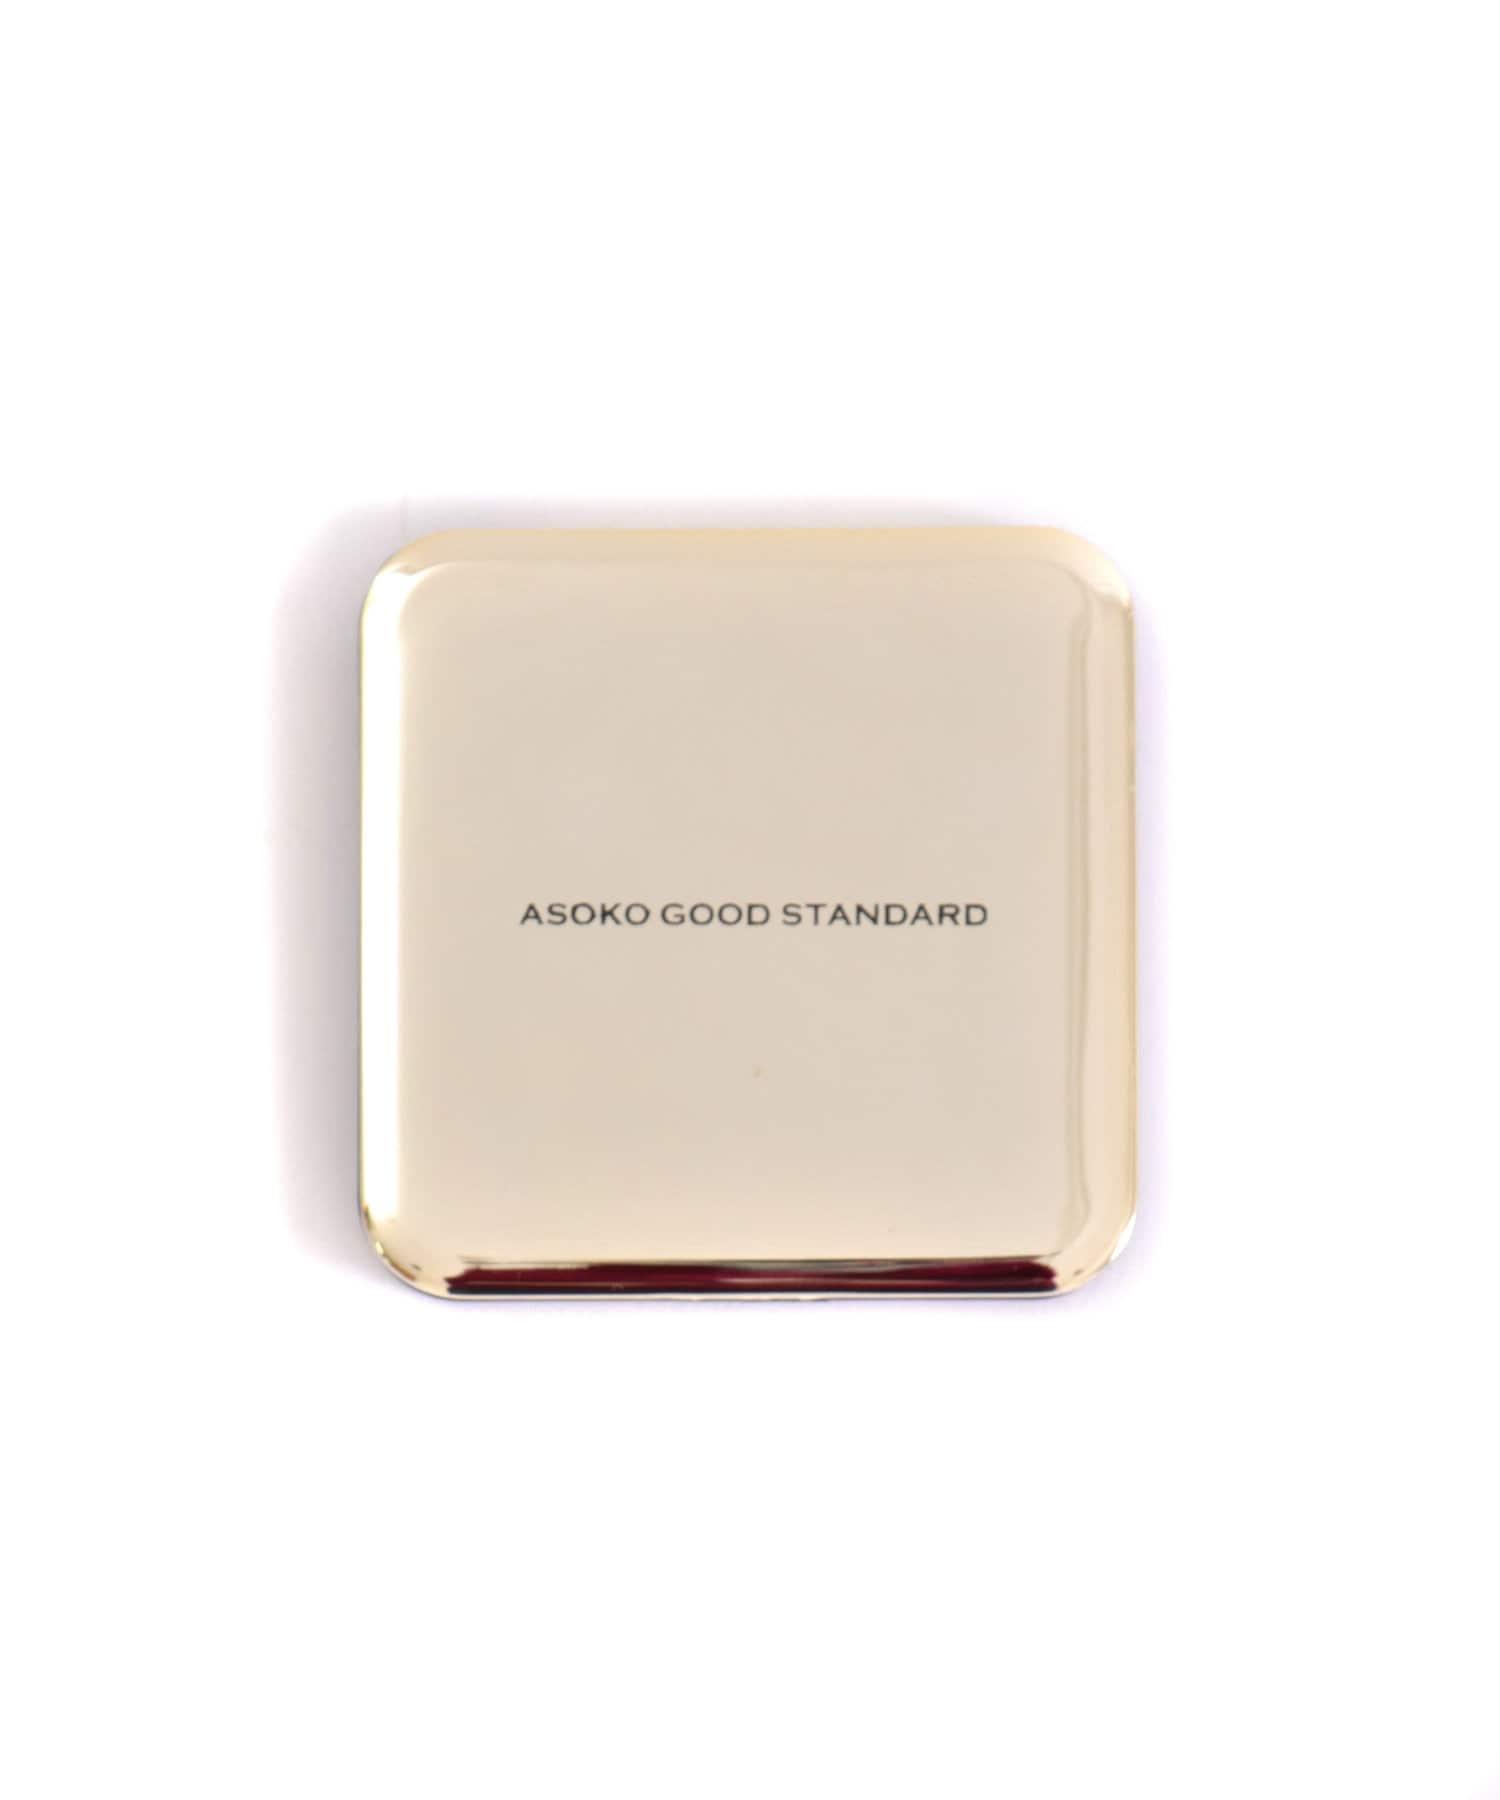 ASOKO(アソコ) ライフスタイル 【ASOKO GOOD STANDARD】コンパクトミラー ゴールド